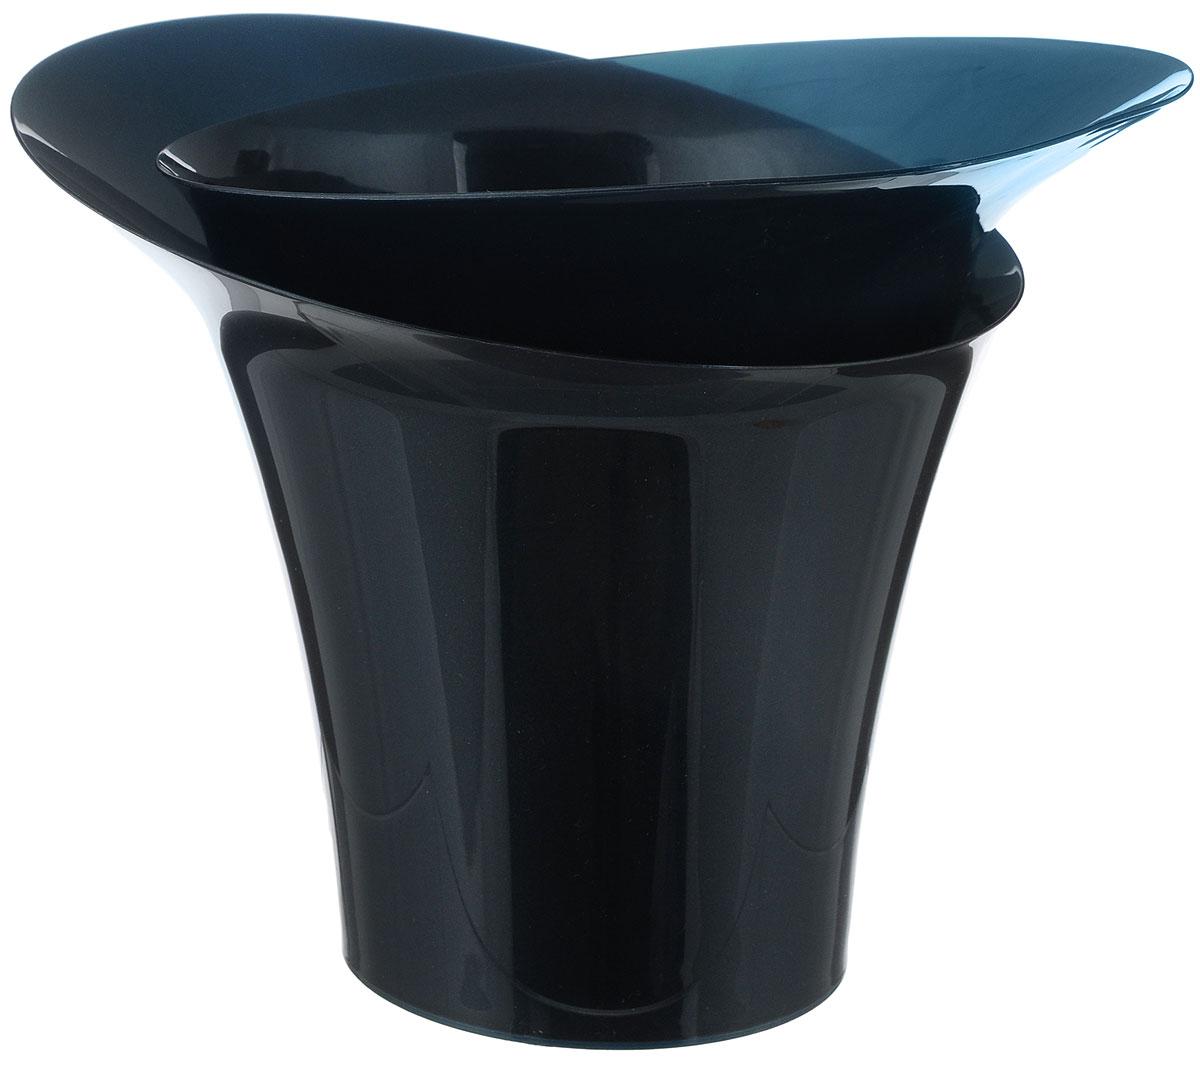 Горшок для цветов Техоснастка Модерн, цвет: темно-синий, 2,5 лПИ-27-3ТХГоршок для цветов Техоснастка Модерн состоит из двух частей, которые изготовлены из пищевого полипропилена высочайшей очистки. Внутренняя часть горшка имеет дренажные и вентиляционные отверстия. Поворачивая части горшка относительно друг друга можно менять внешний вид конструкции. Горшок для цветов Техоснастка Модерн - это оригинальный ассиметричный горшок, который позволяет осуществлять полив растения путем погружения, не используя дополнительные емкости. Летящие формы горшка Техоснастка Модерн внесут современную ноту в ваш интерьер. Размер внутренней части горшка: 26 х 23 х 23 см. Размер внешней части горшка: 26 х 23 х 21 см.